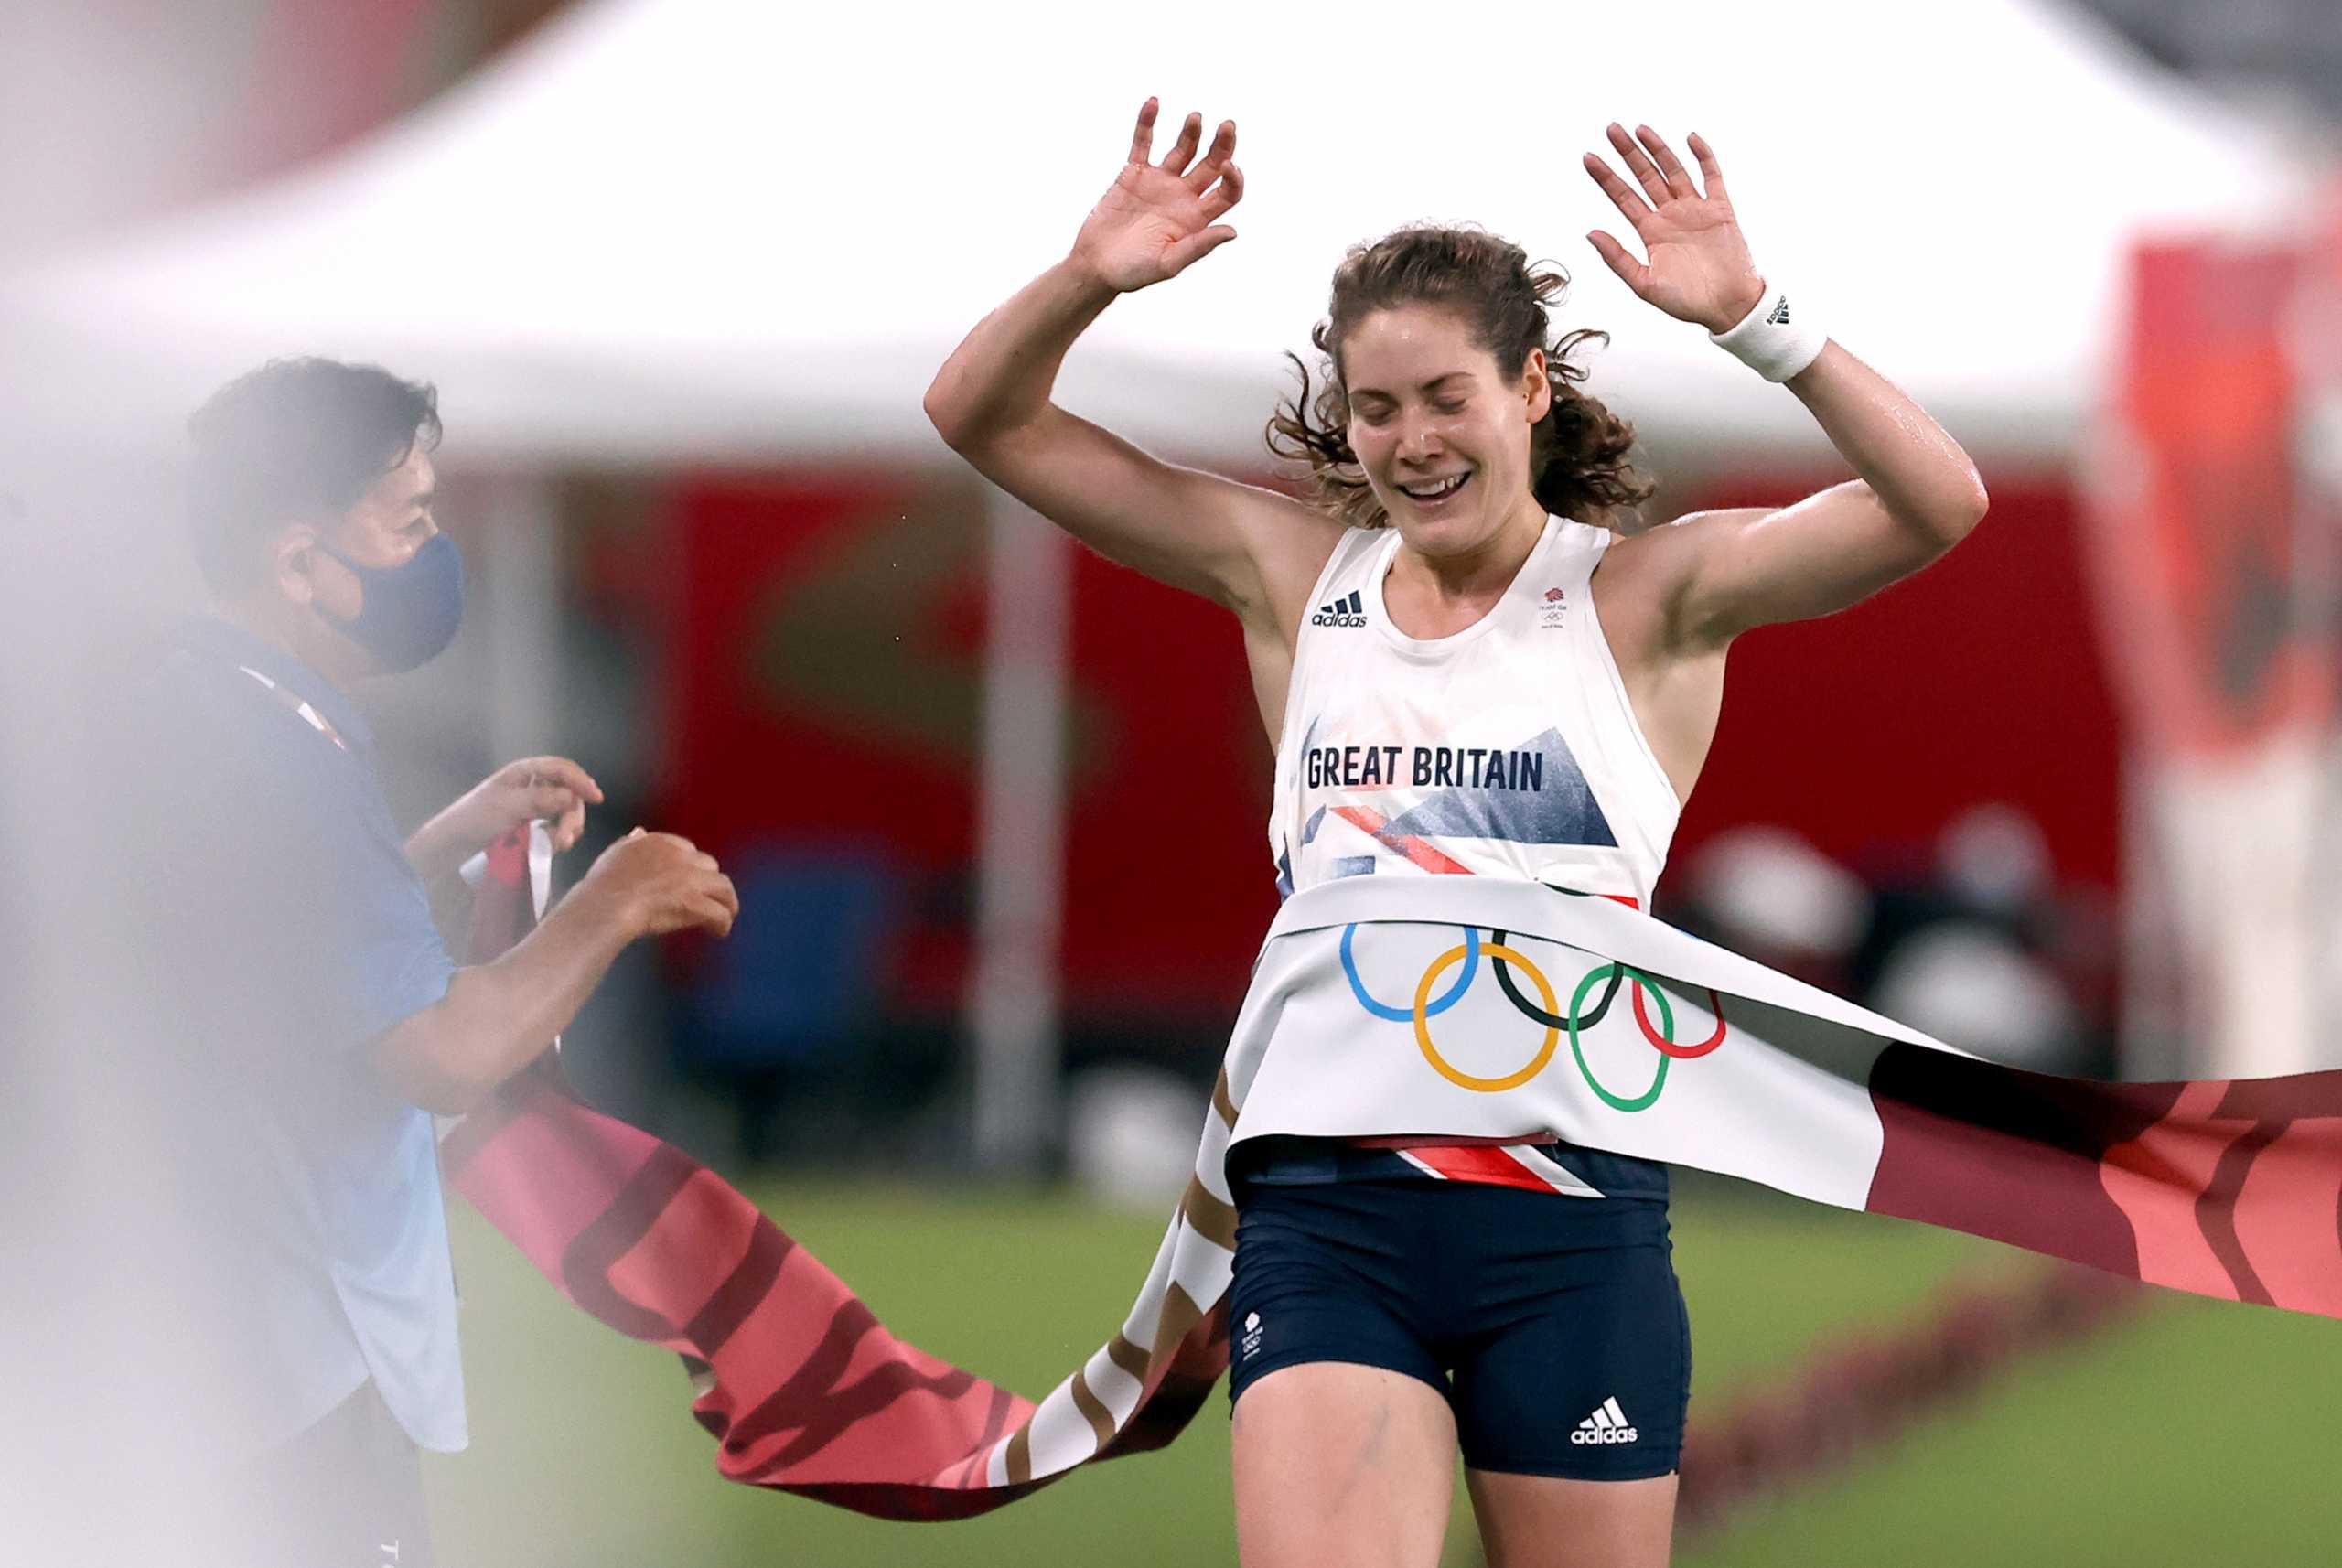 Ολυμπιακοί Αγώνες: «Χρυσή» με Ολυμπιακό ρεκόρ η Κέιτι Φρεντς στο μοντέρνο πένταθλο